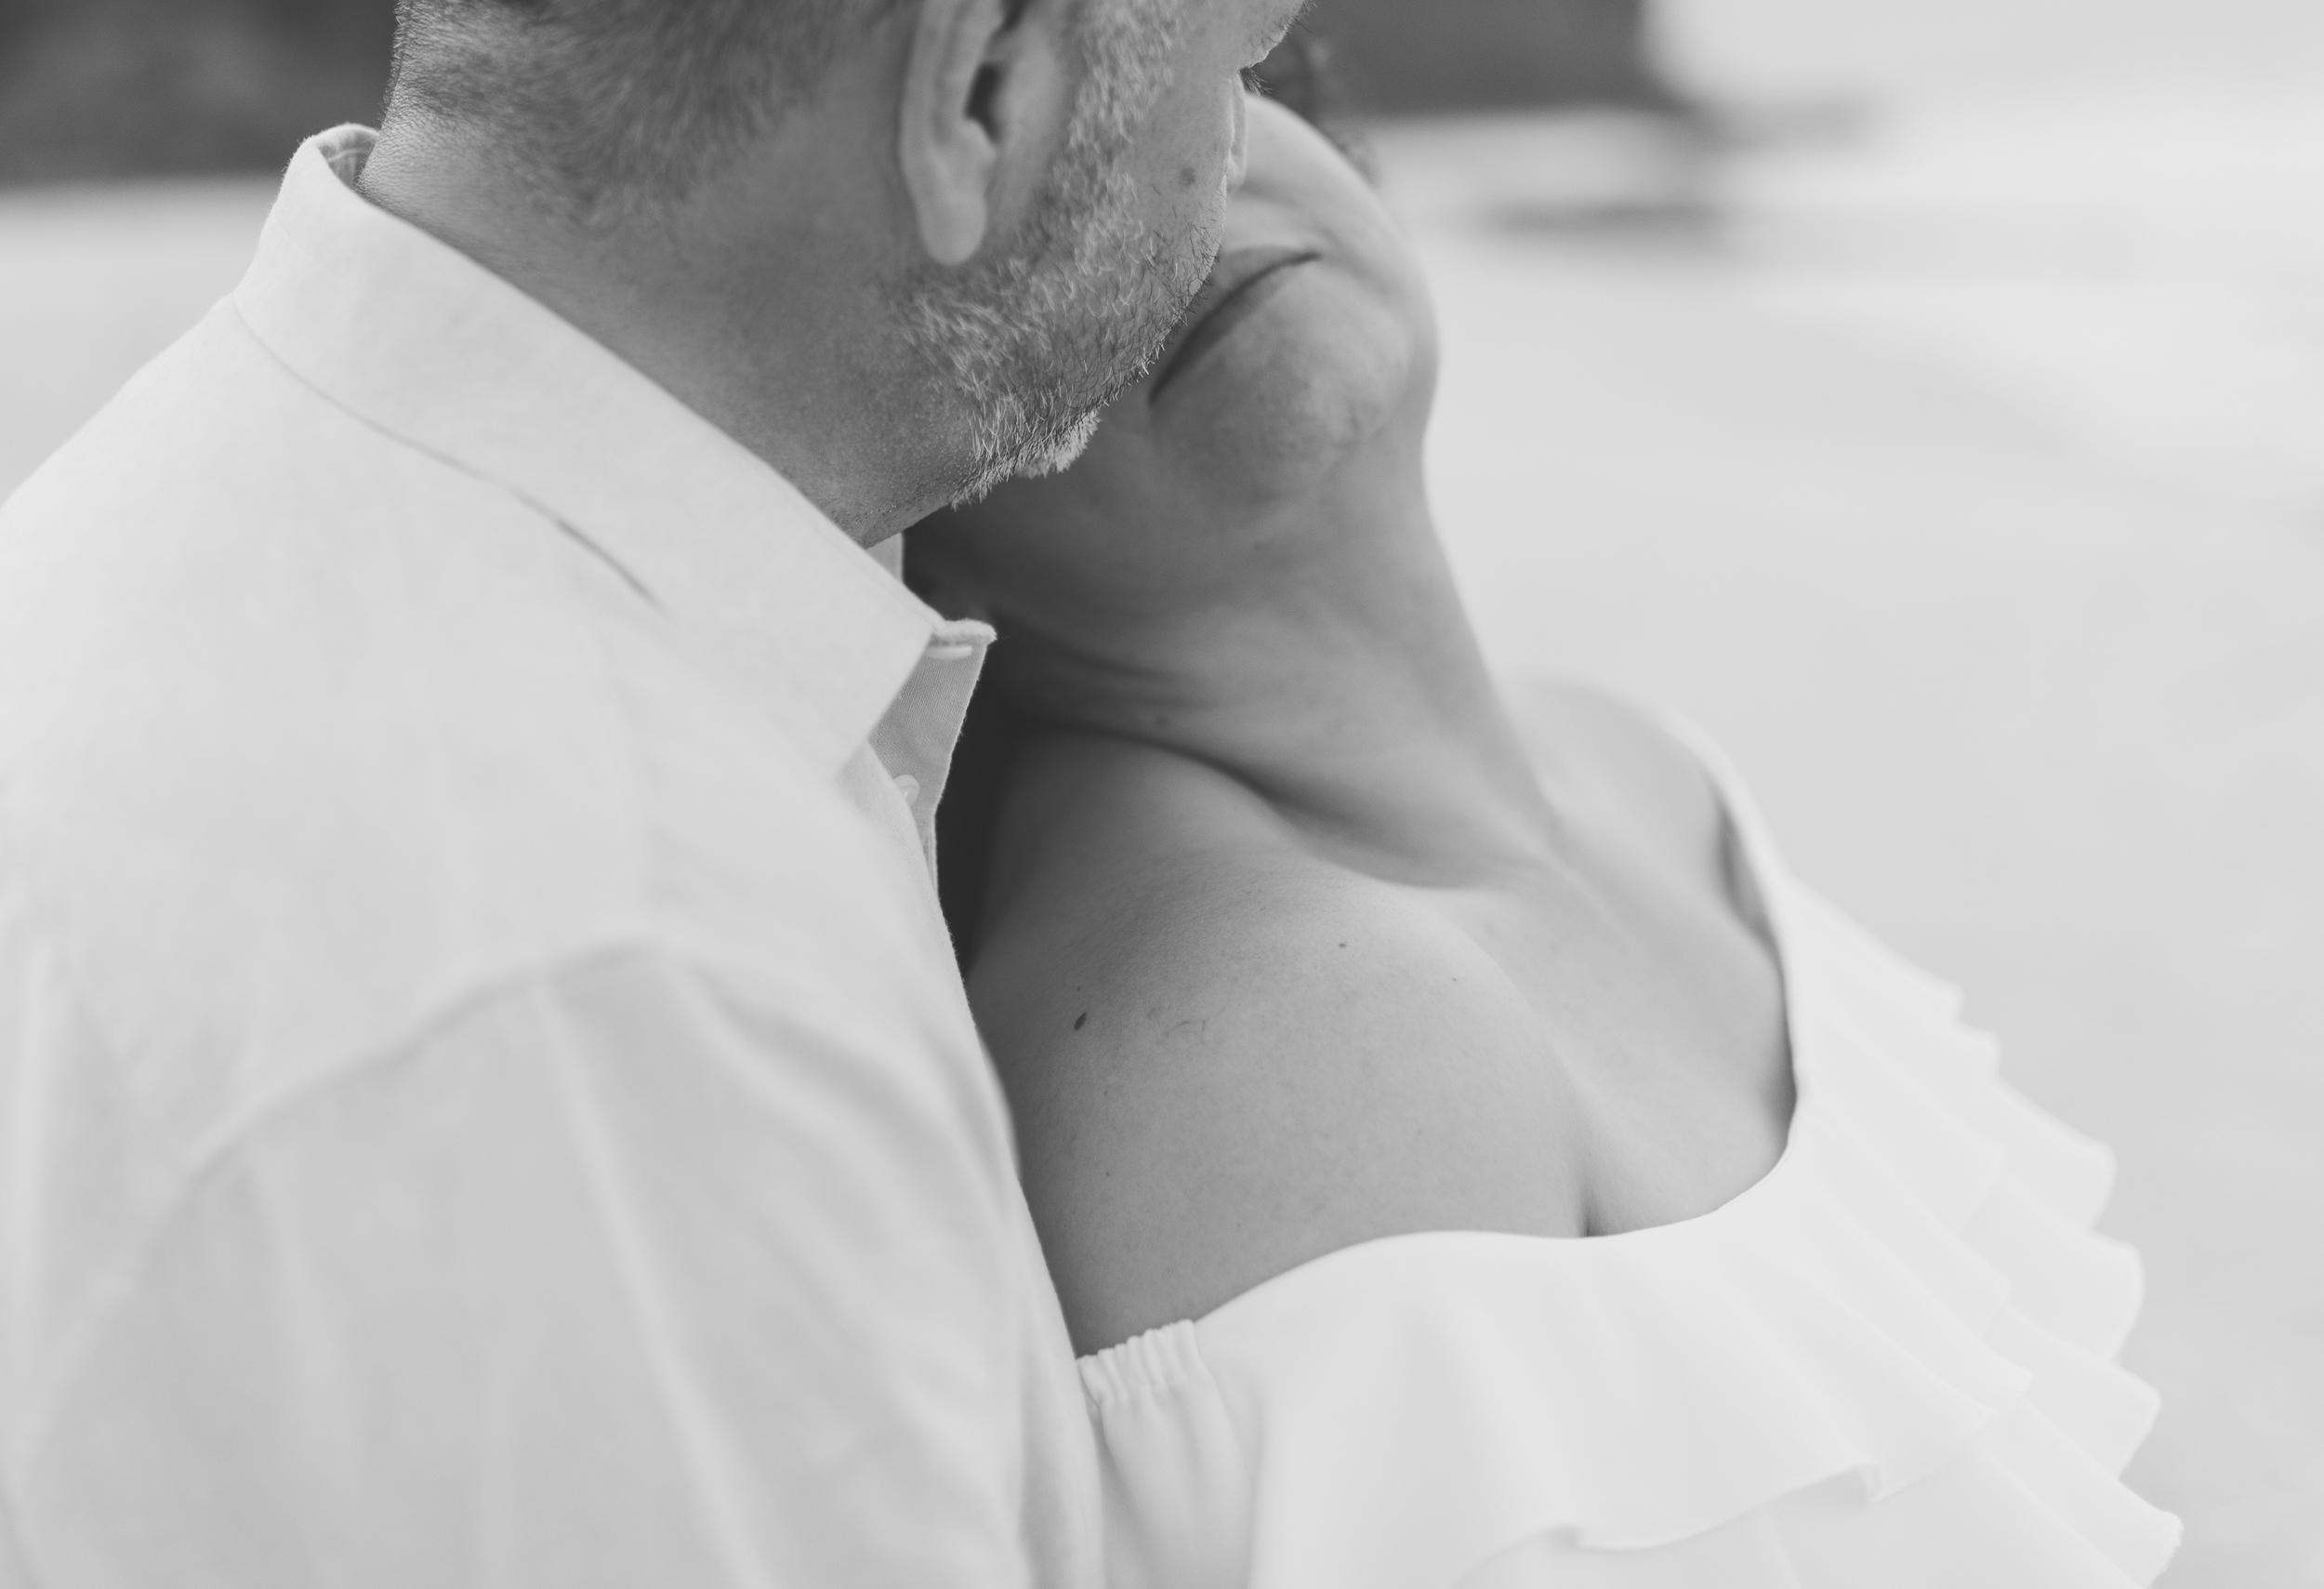 CouplesSessionTaragueGuamPhotographer-ROXANNEAUGUSTA-12.jpg